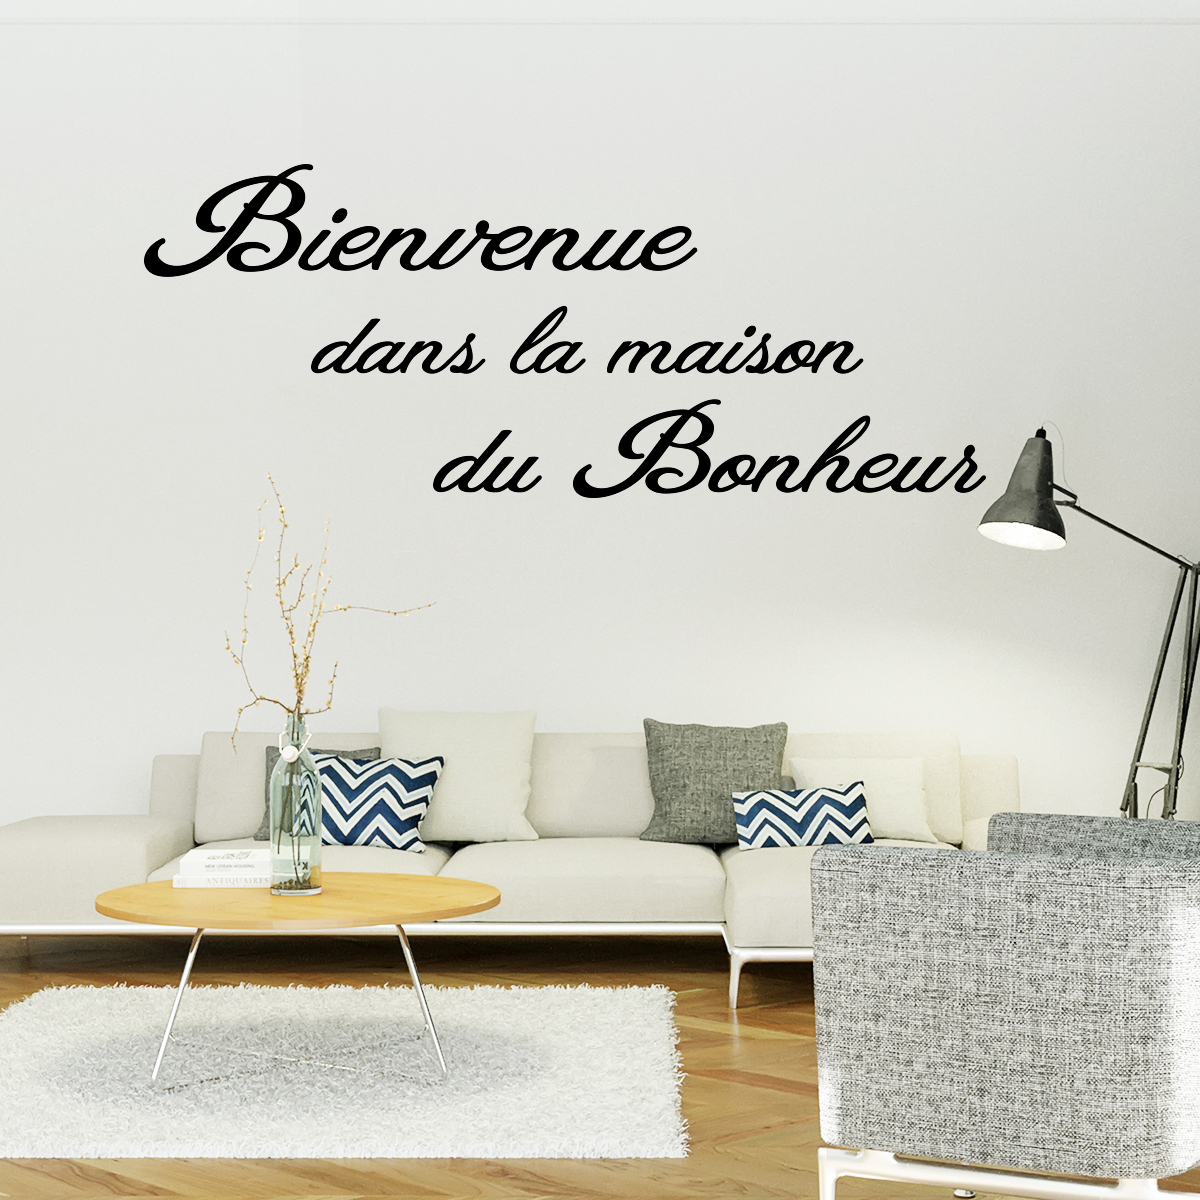 la maison du placard paris beautiful la maison dalsace du verre de pchareau y b bijvoet with la. Black Bedroom Furniture Sets. Home Design Ideas